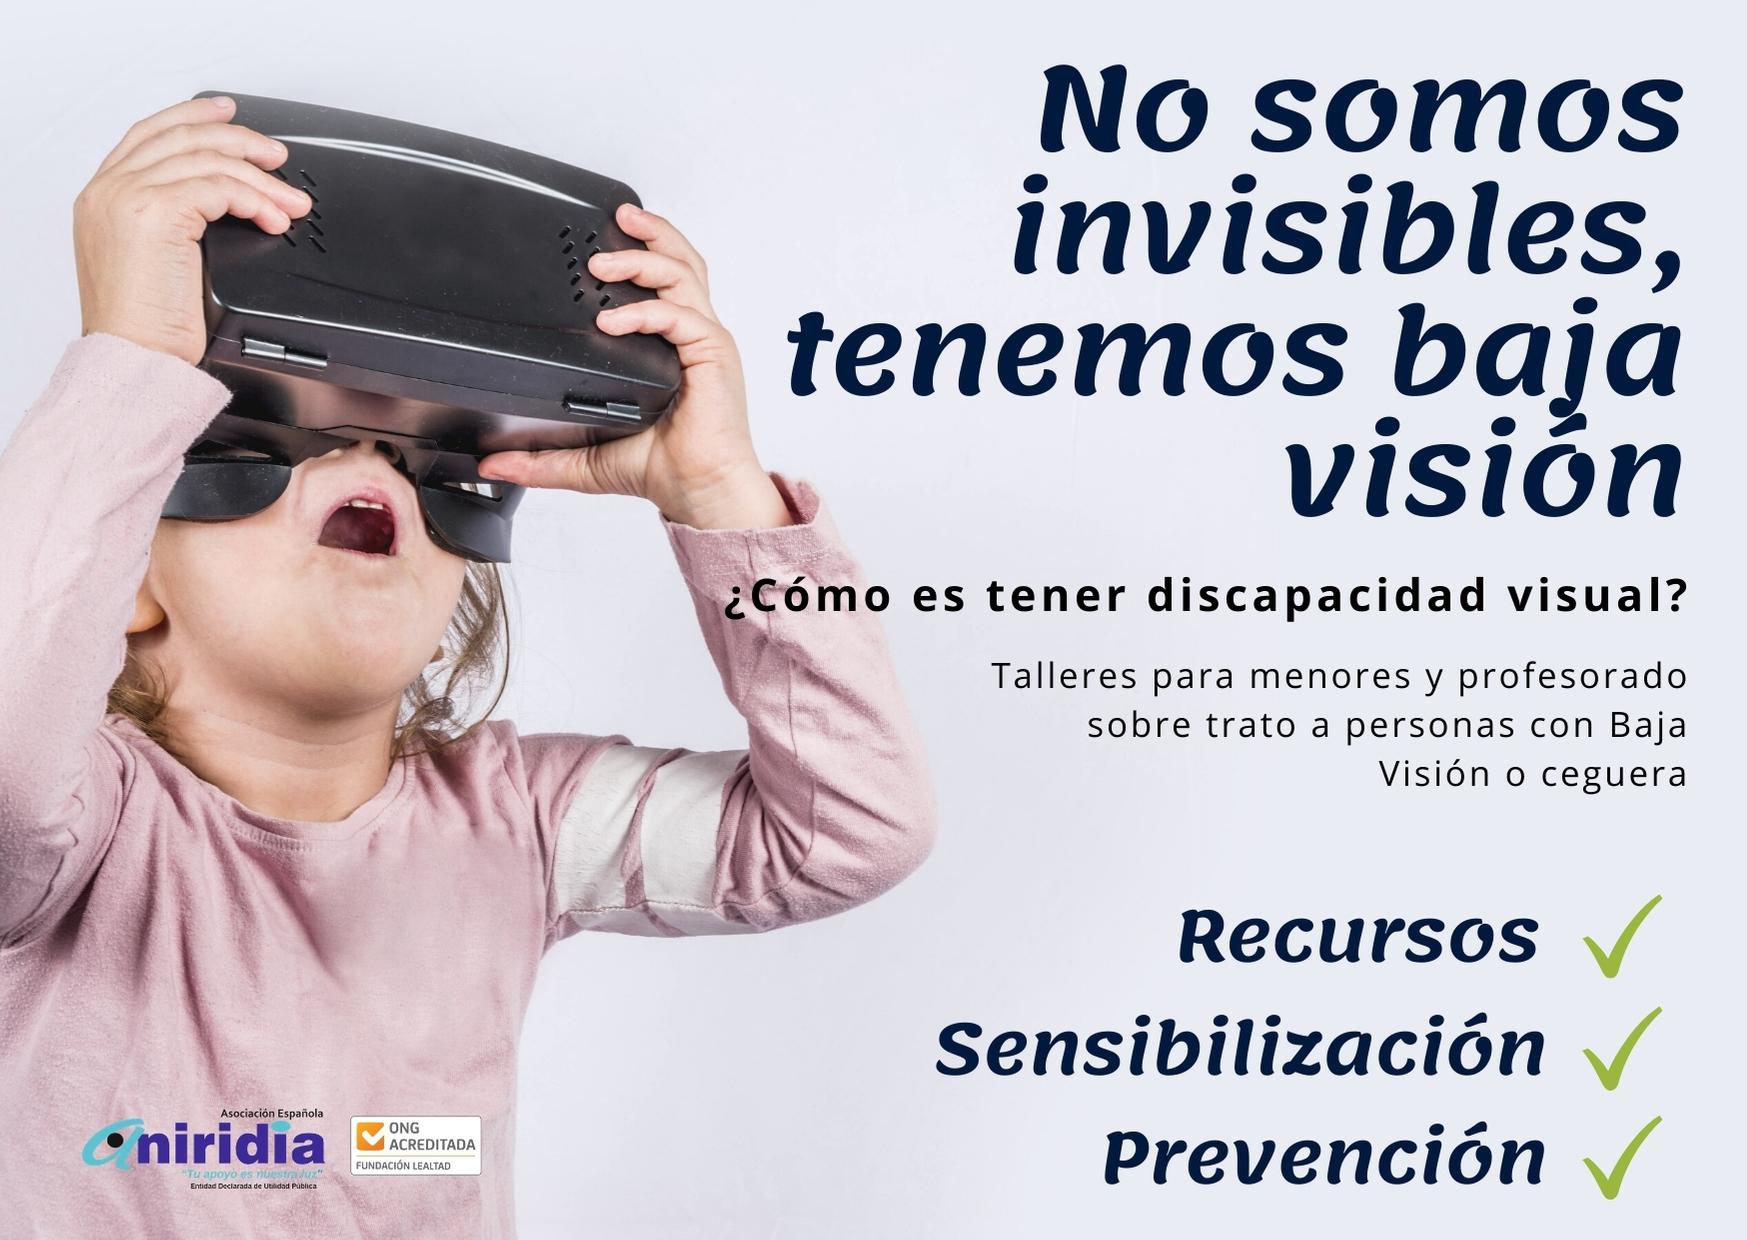 cartel promocional no somos invisibles